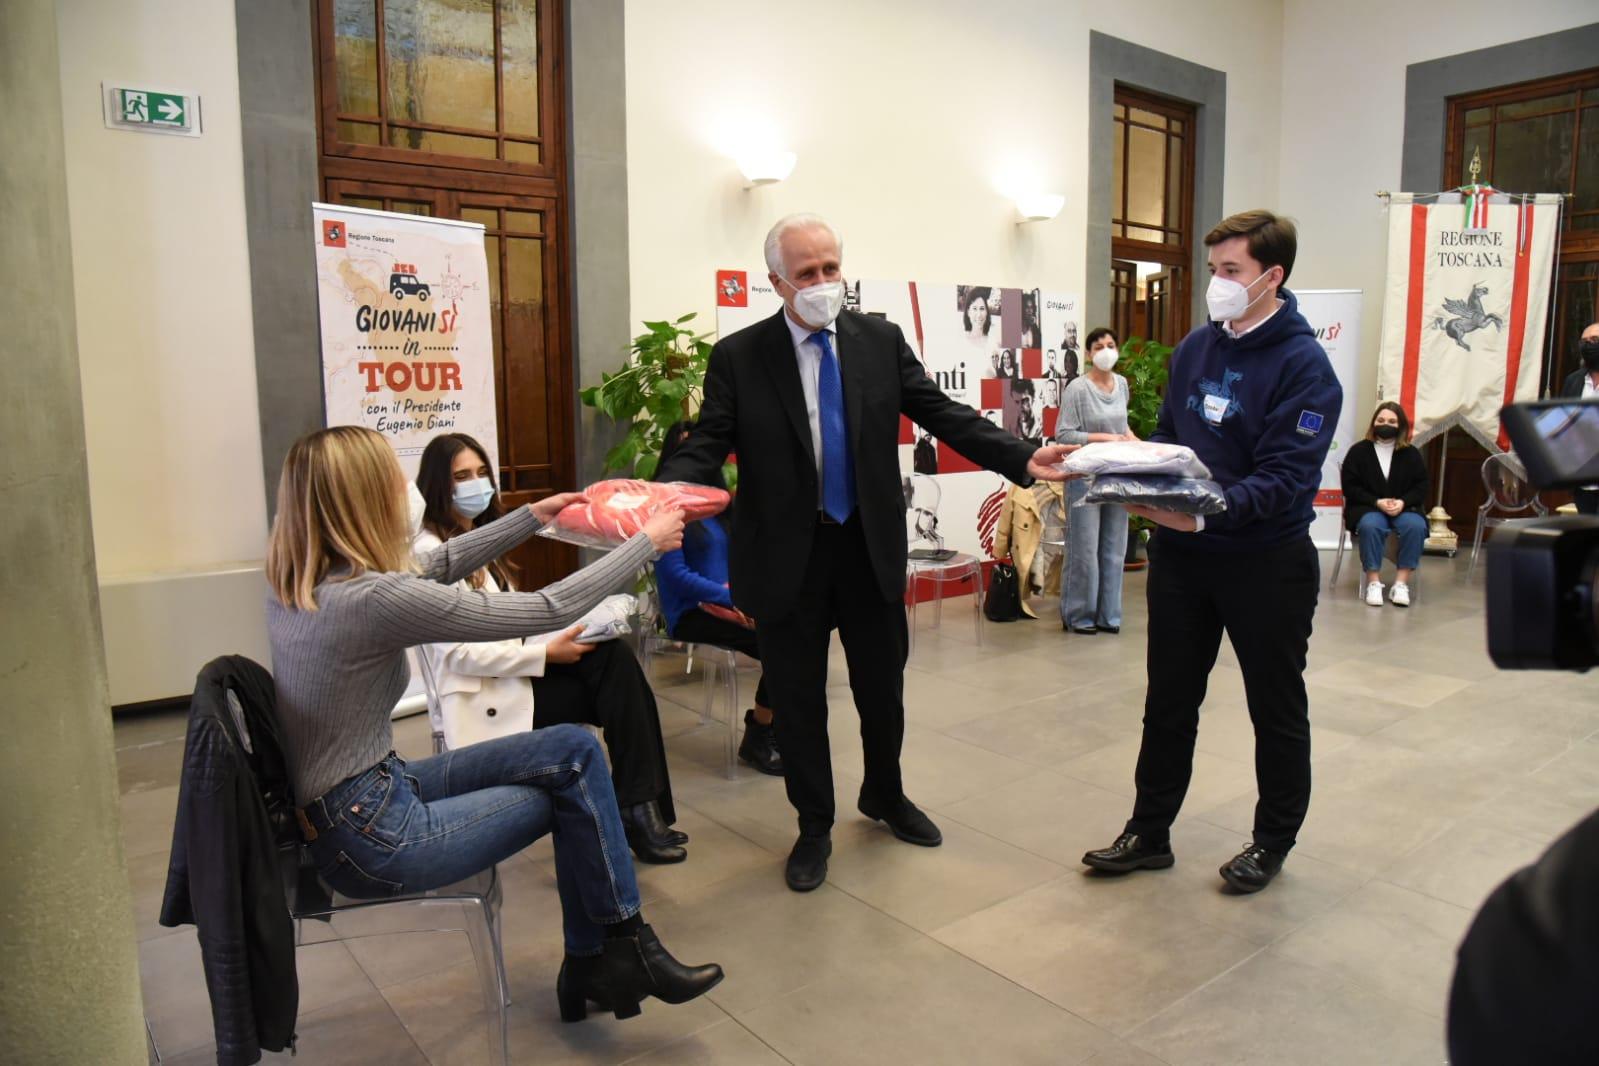 """Giovanisì tour, Giani: """"Nel servizio civile la Toscana ci crede. E lo rafforza"""""""